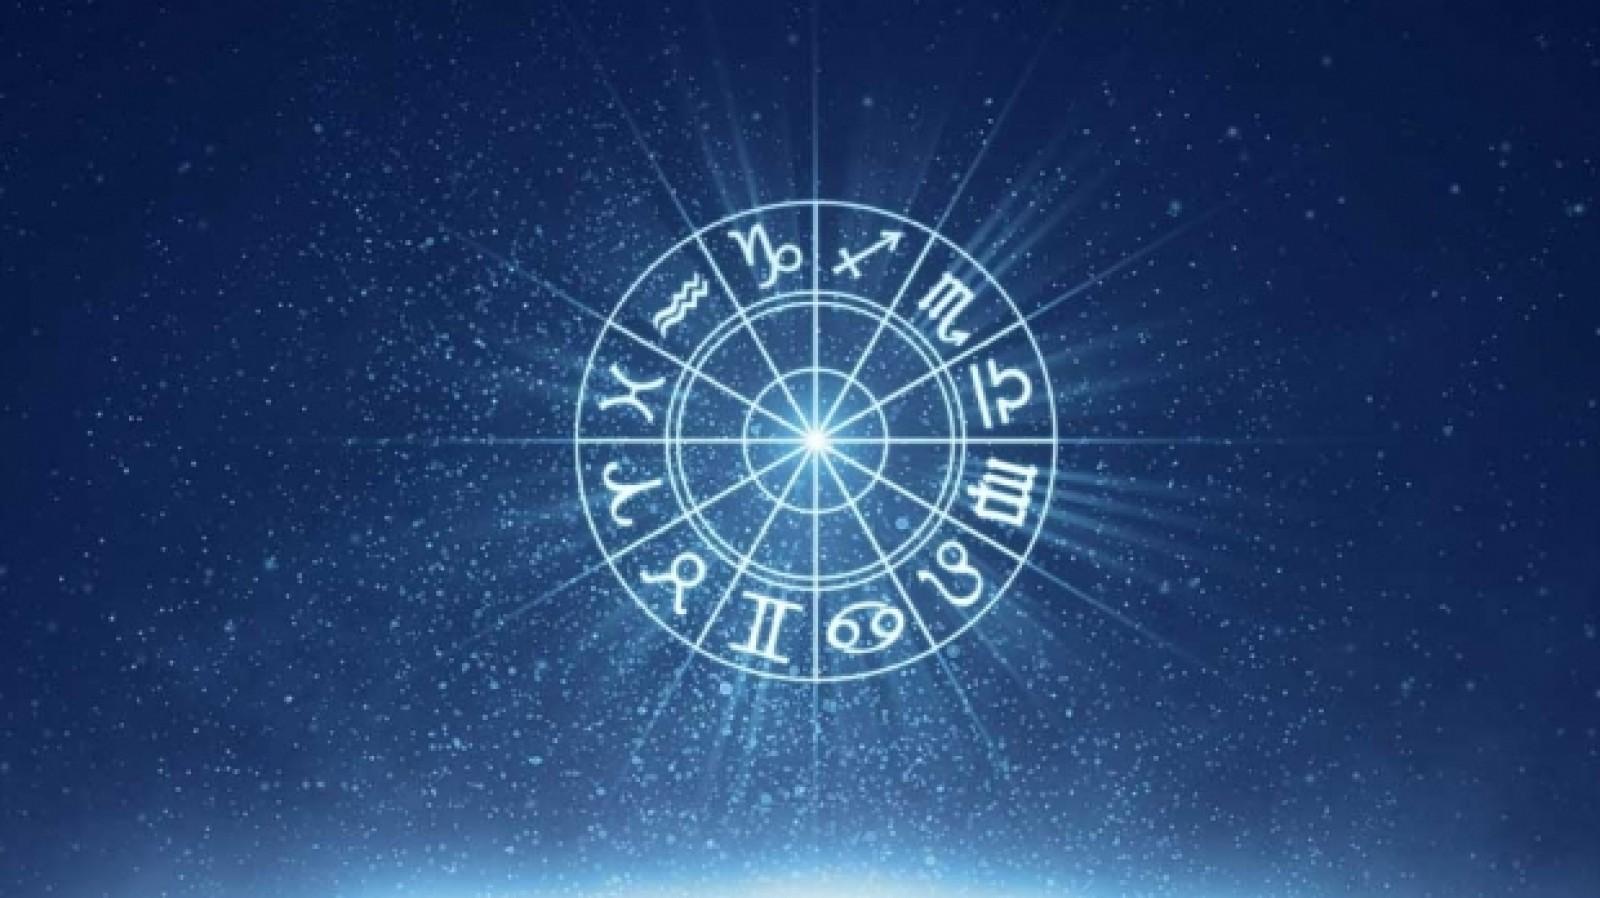 Horoscop 7 aprilie: Capricornii vor începe o nouă etapă în viața lor, iar săgetătorii vor cheltui mulți bani